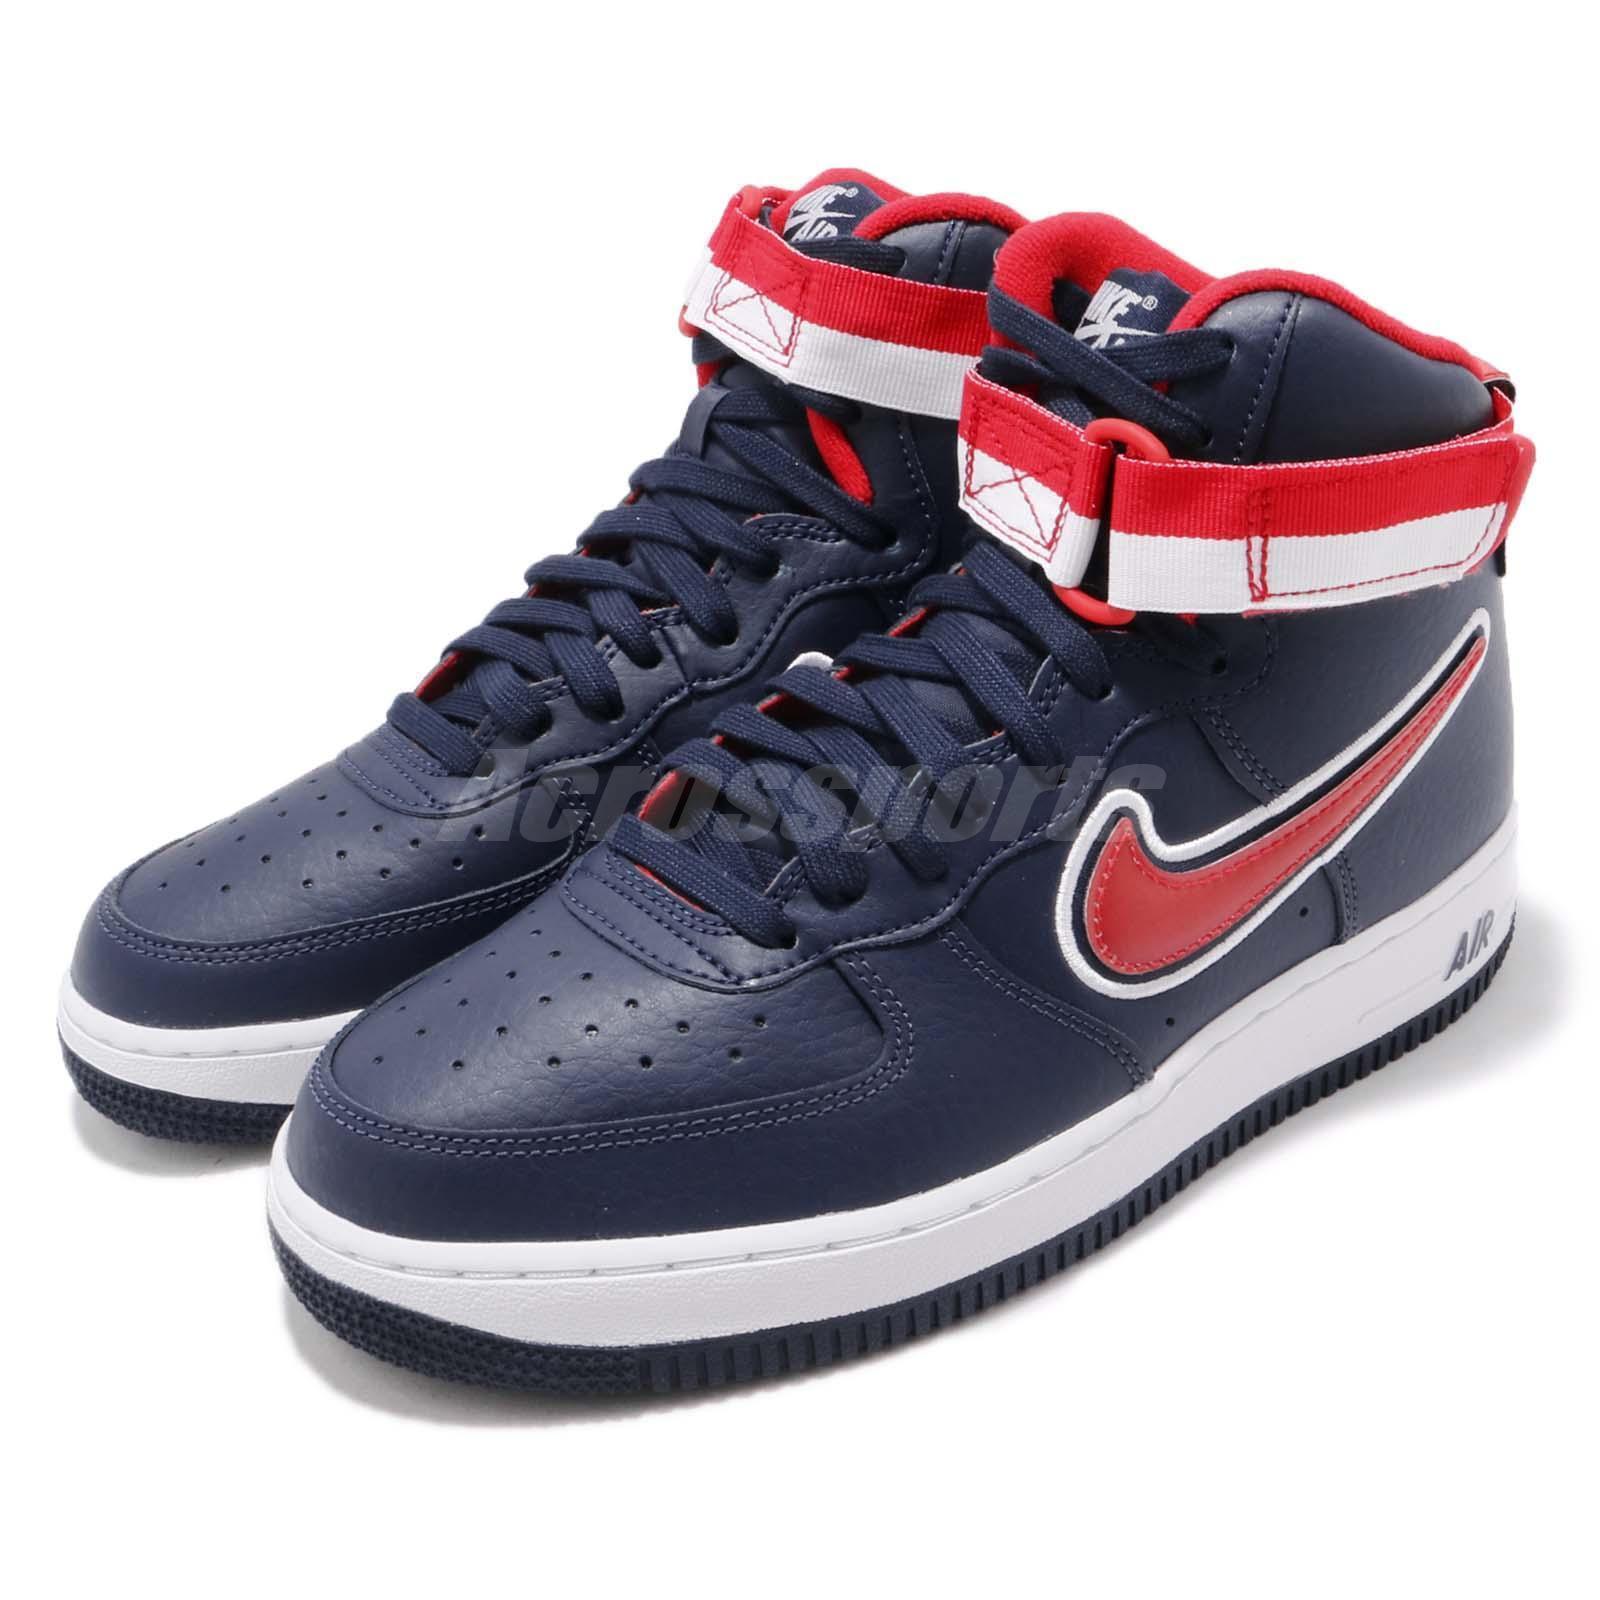 Nike Air Force 1 High 07 LV8 Sport AF1 USA Navy rosso Men scarpe scarpe da ginnastica AV3938-400 | Una Grande Varietà Di Prodotti  | Maschio/Ragazze Scarpa